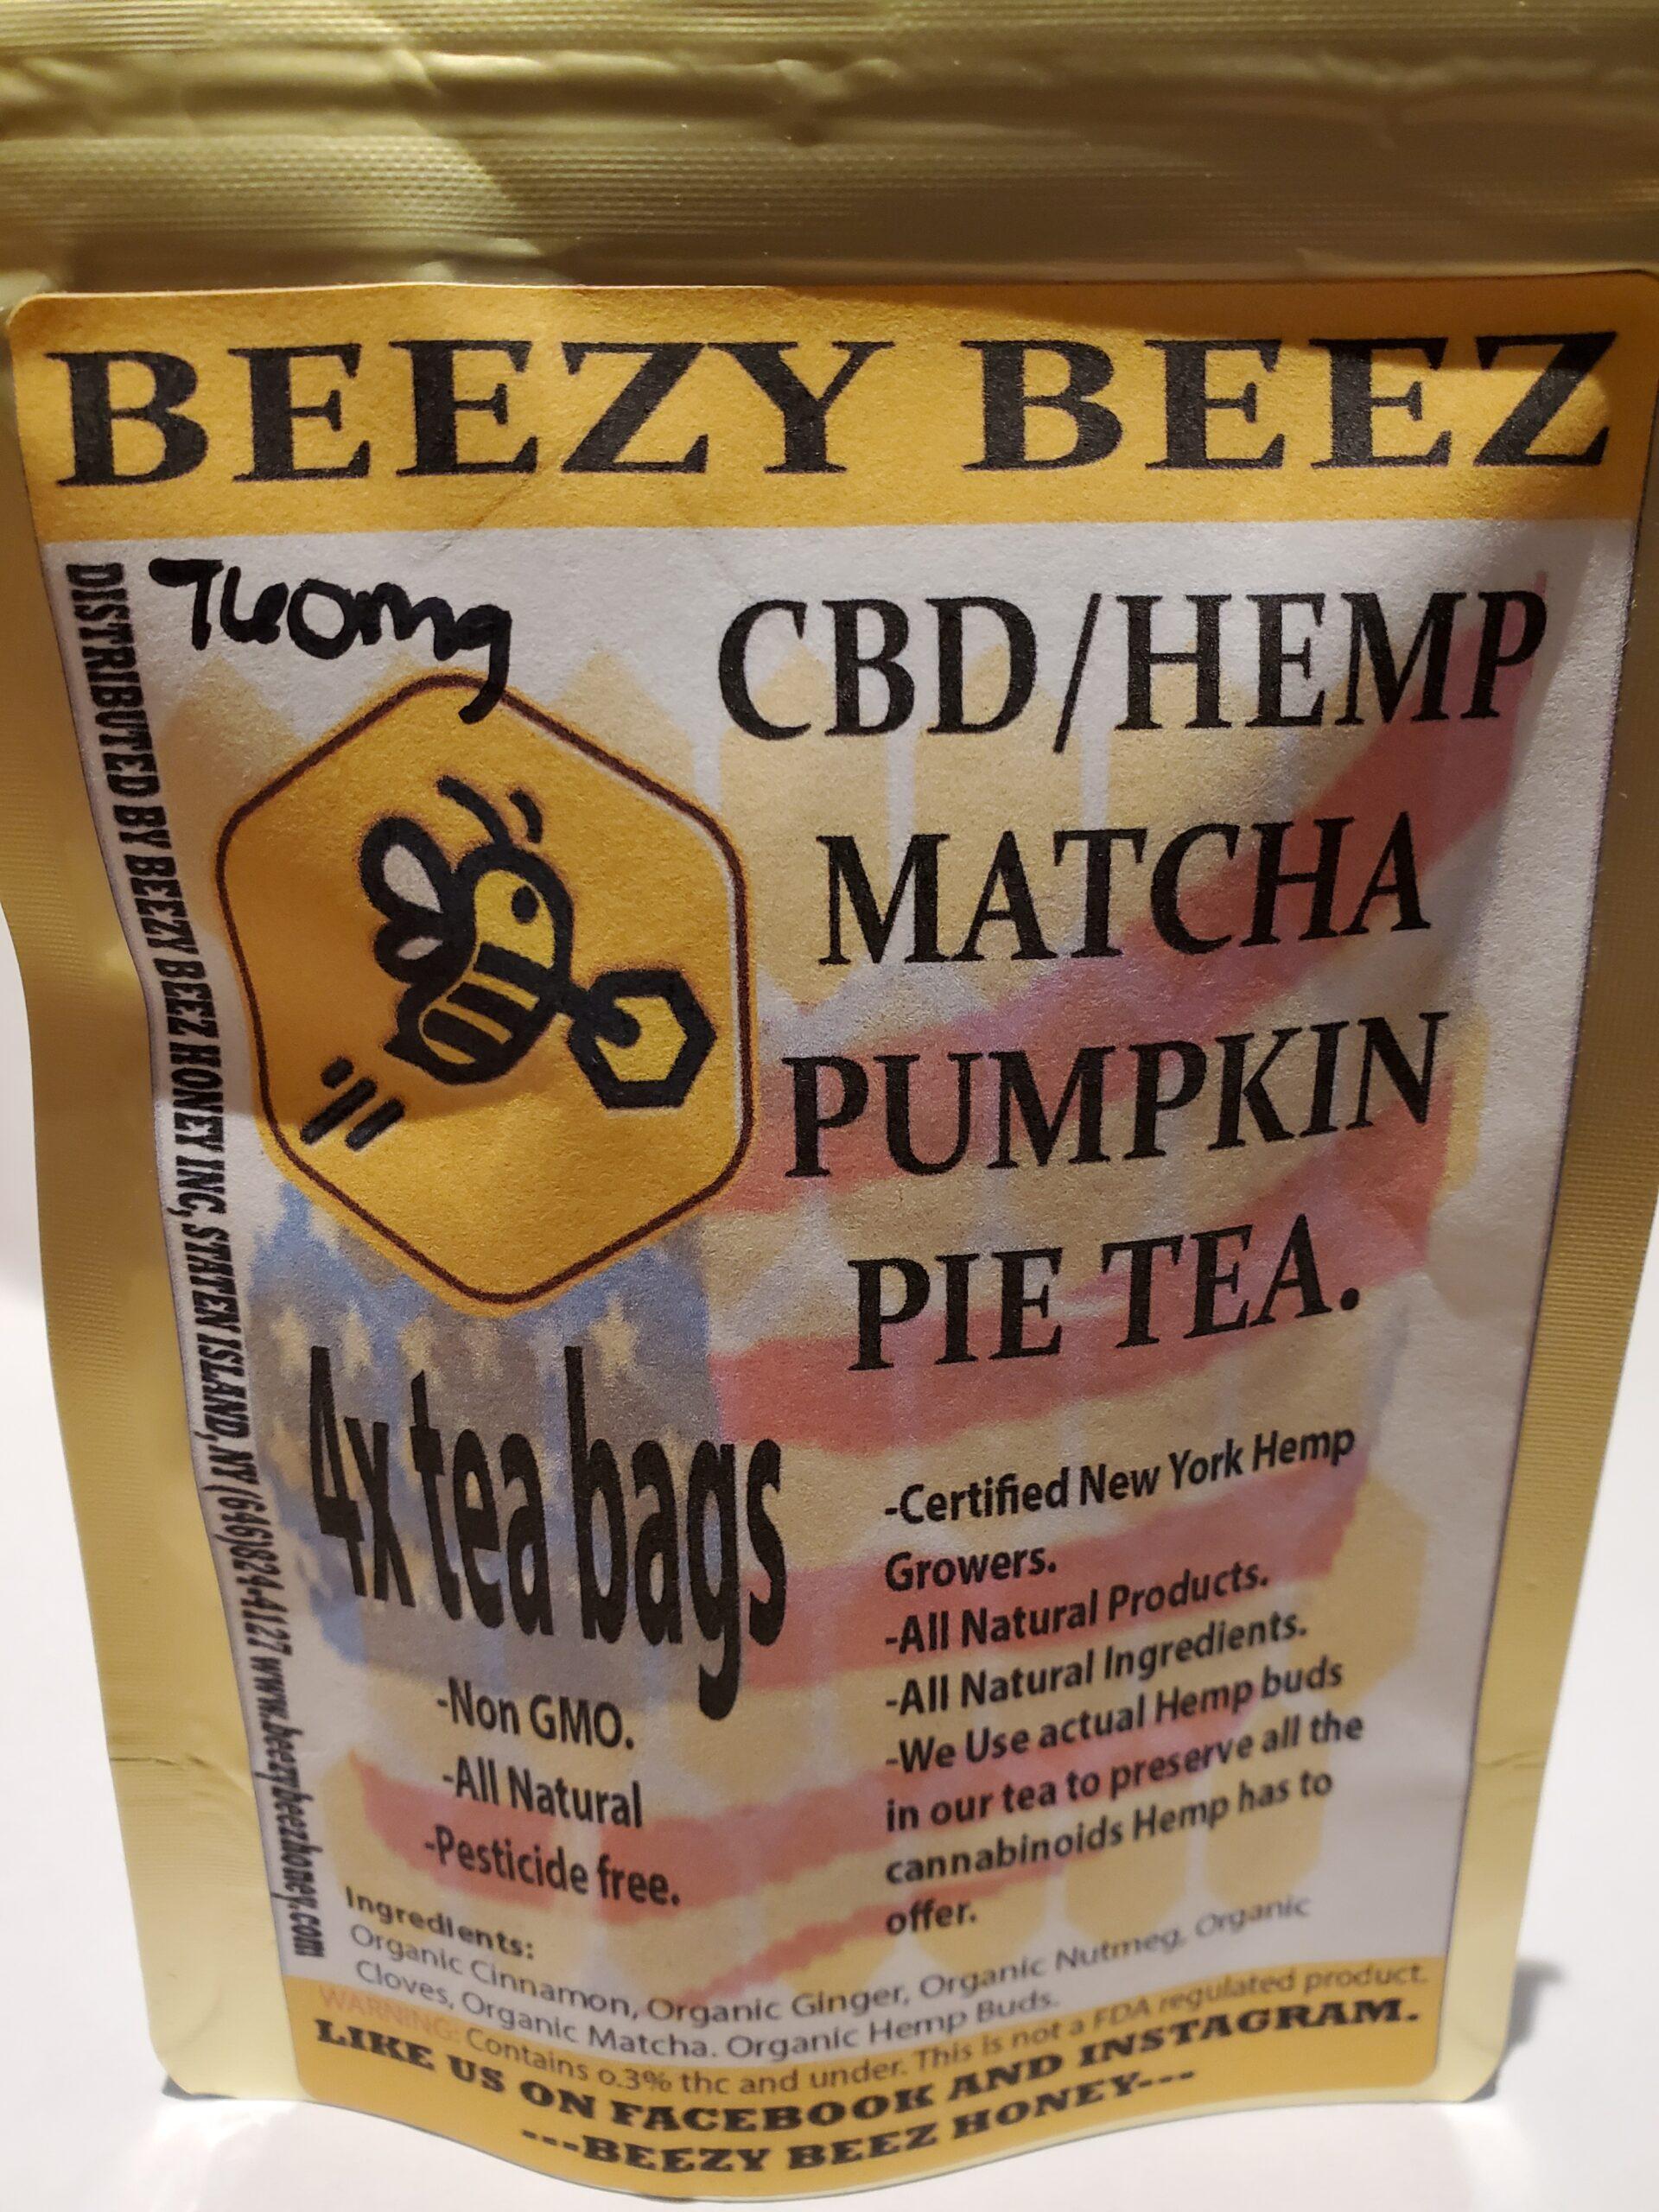 Beezy Beez Matcha Pumpkin